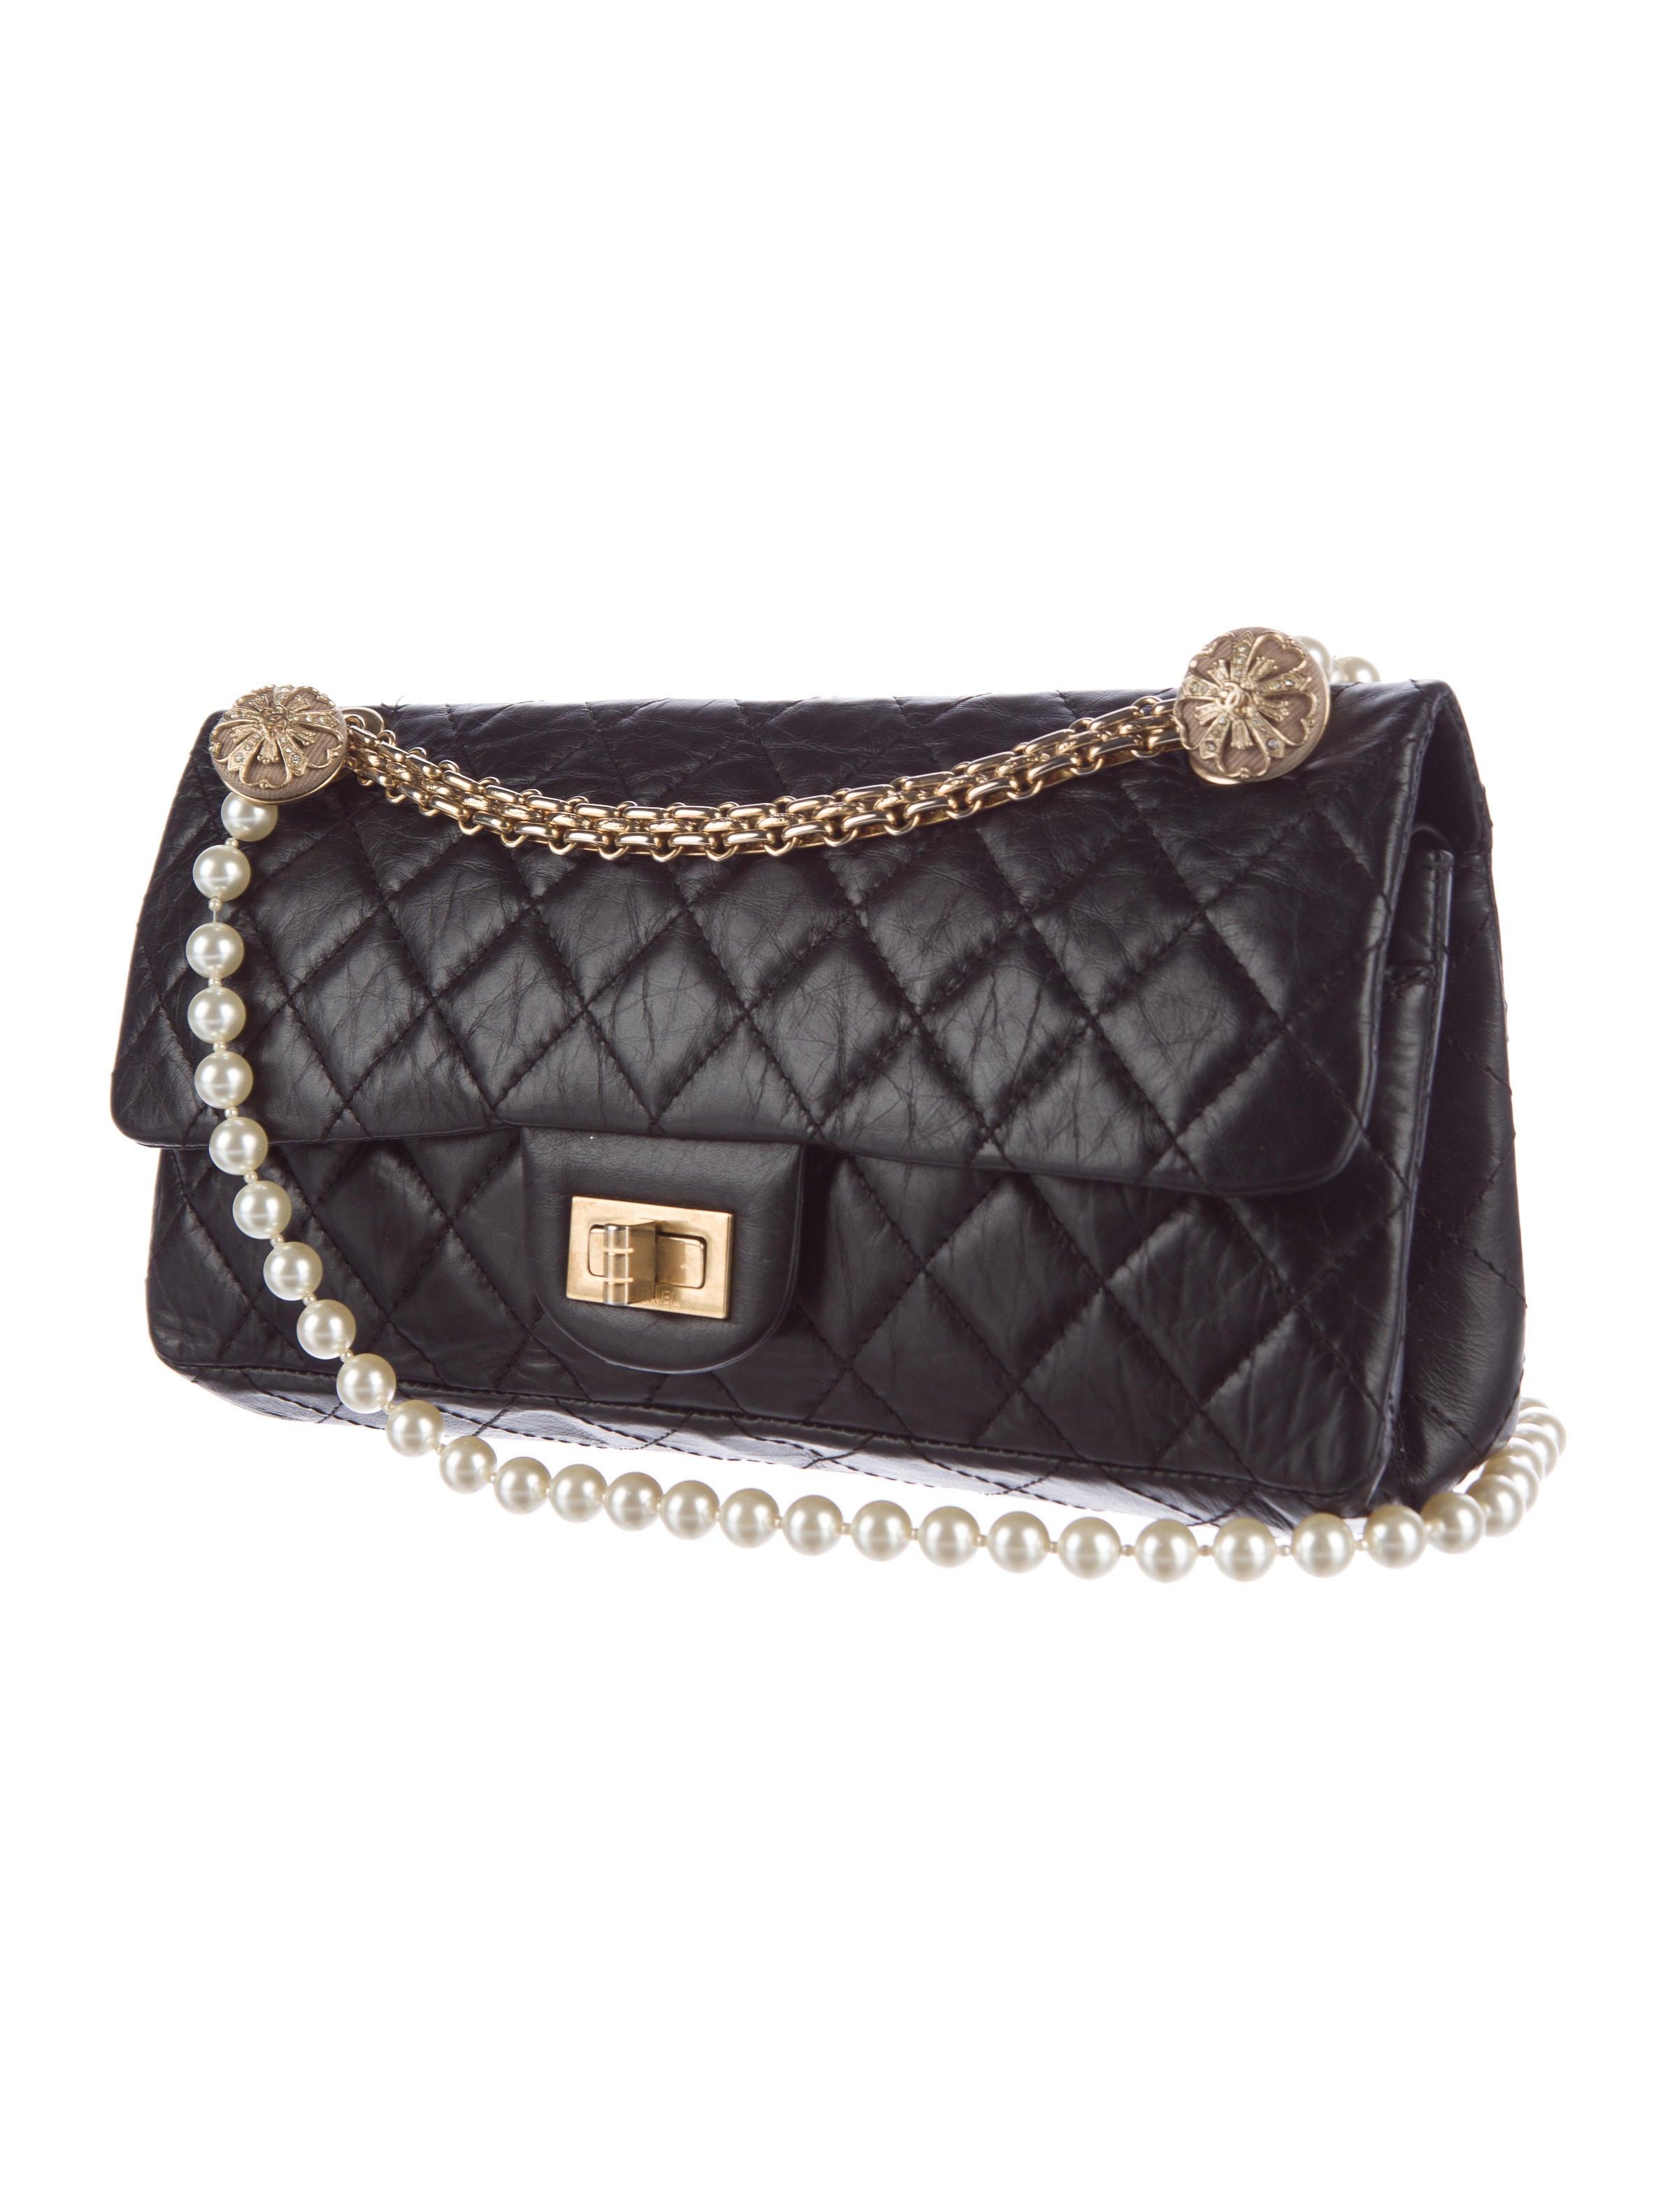 chanel reissue charm flap bag handbags cha154761 the